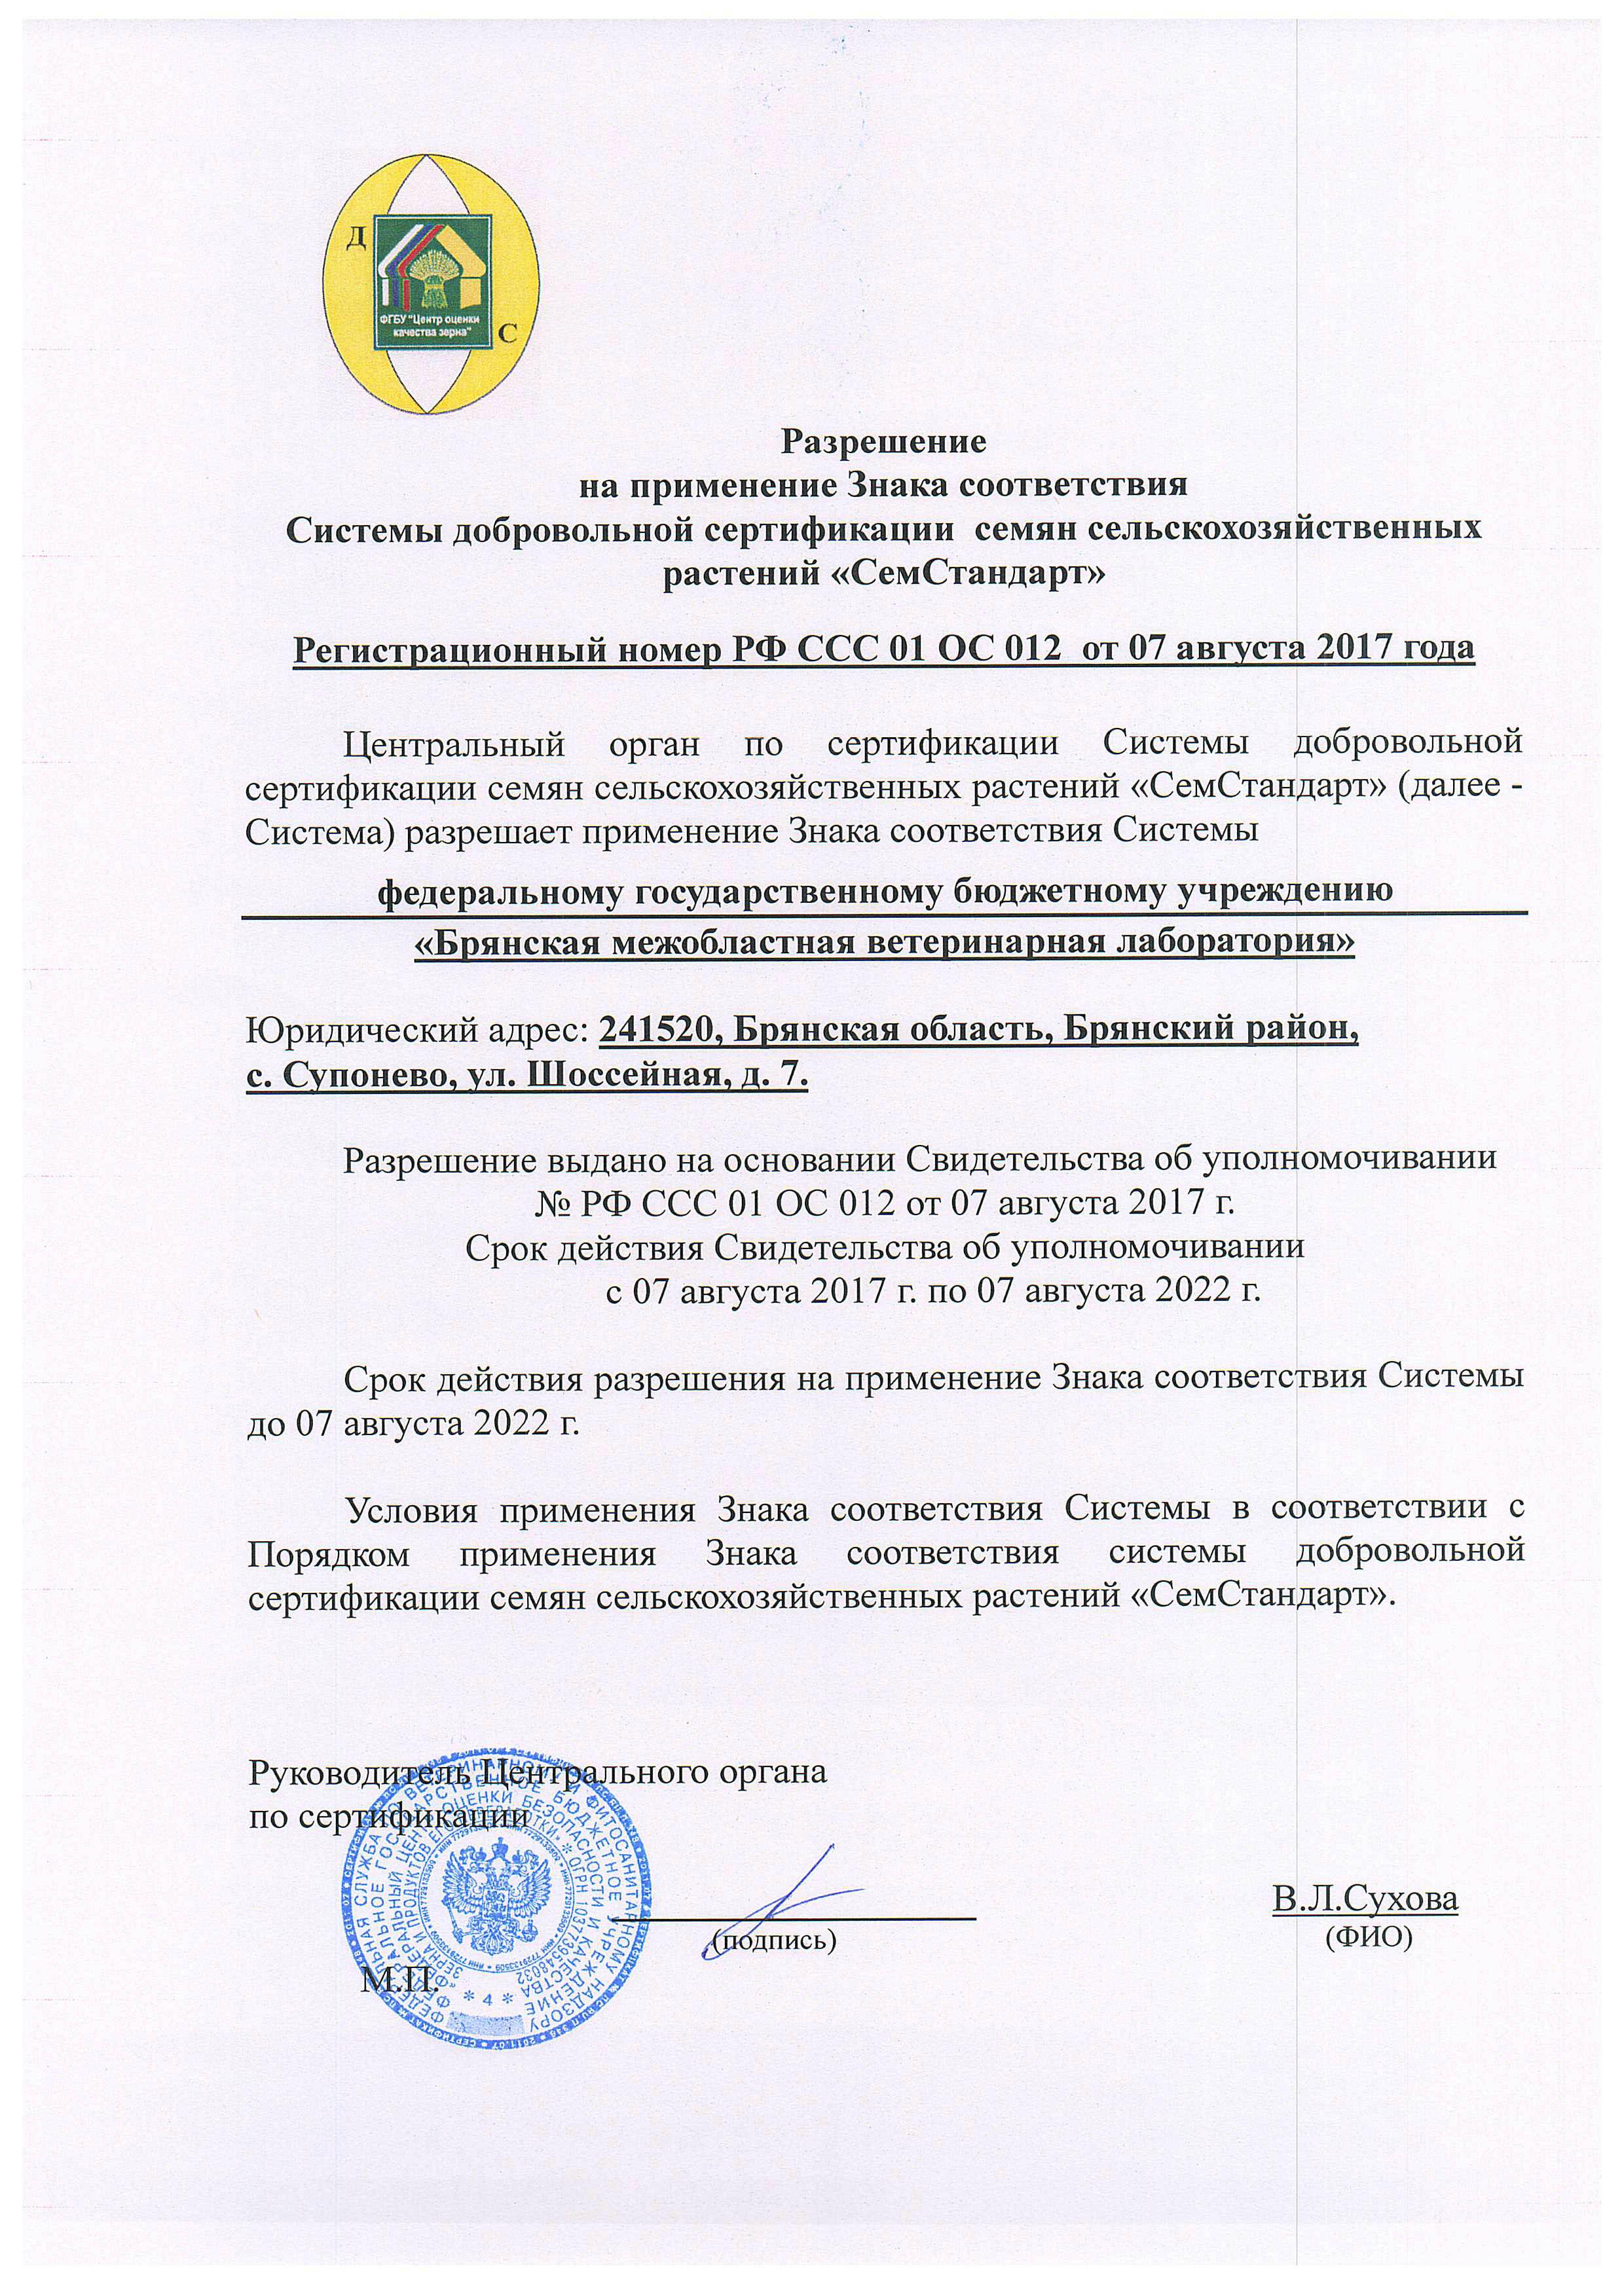 Сертификация оборудования форум о любви сертификация штор